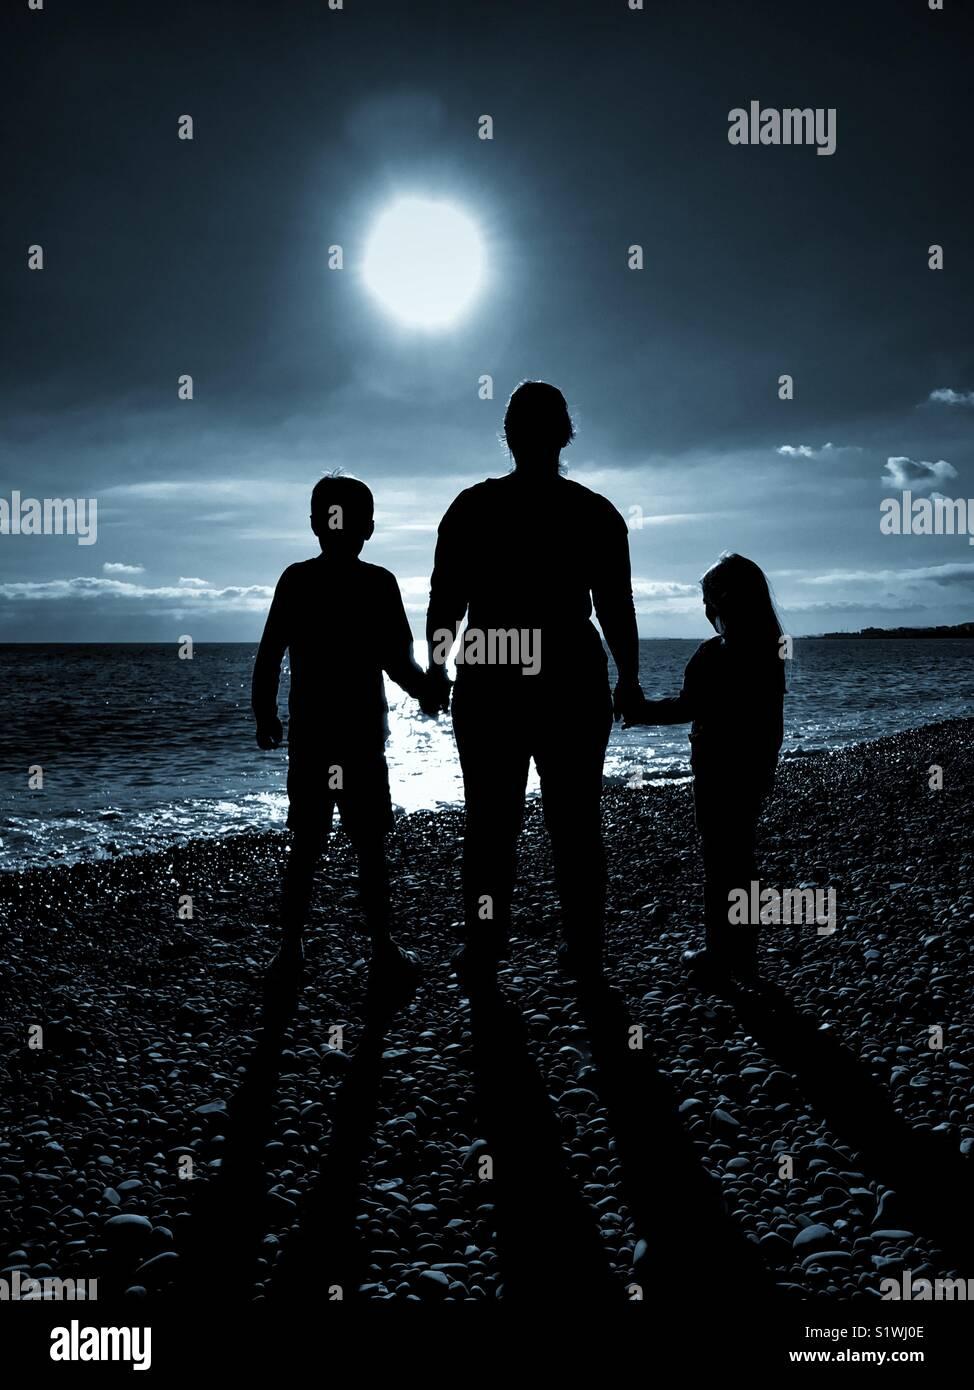 Die Silhouetten von 3 Personen - eine Mutter die Hände ihrer 2 Kinder hält, da sie alle nach vorn in Richtung Stockbild